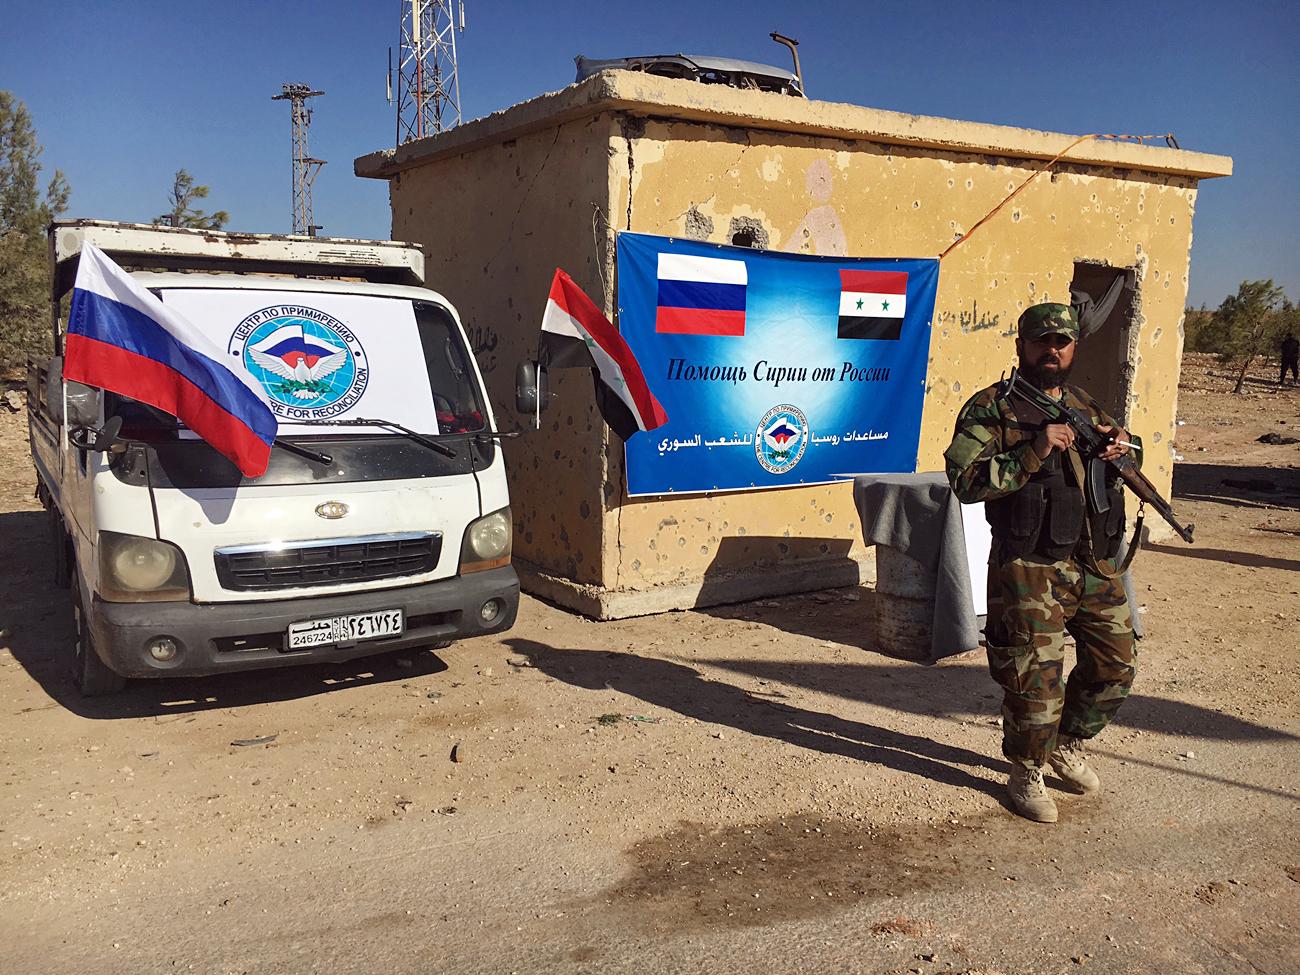 Seorang petugas tampak tengah berjaga di salah satu koridor kemanusiaan untuk warga sipil dan militan di sepanjang Jalan Castello di Aleppo utara, Suriah.